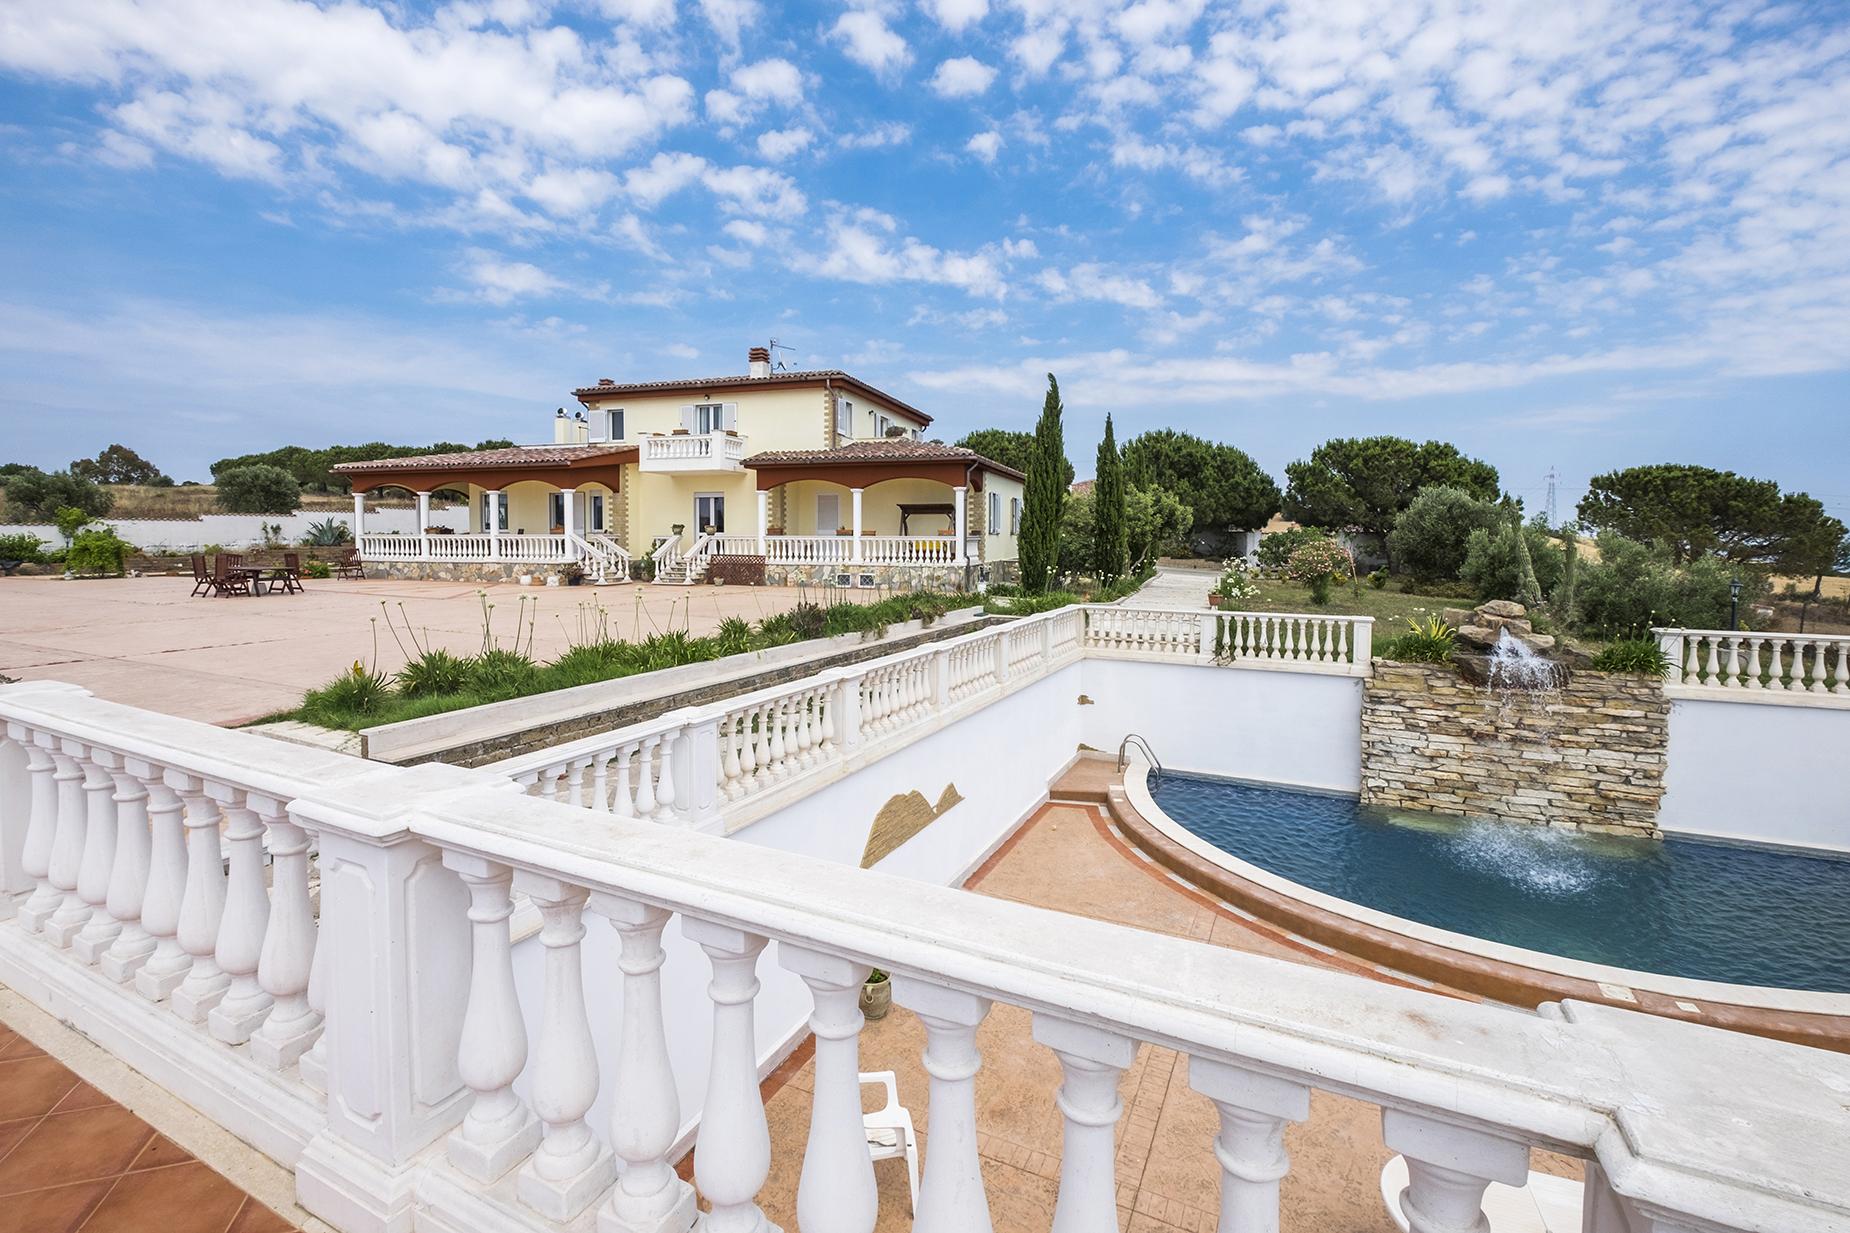 Villa in Vendita a Santa Marinella: 5 locali, 400 mq